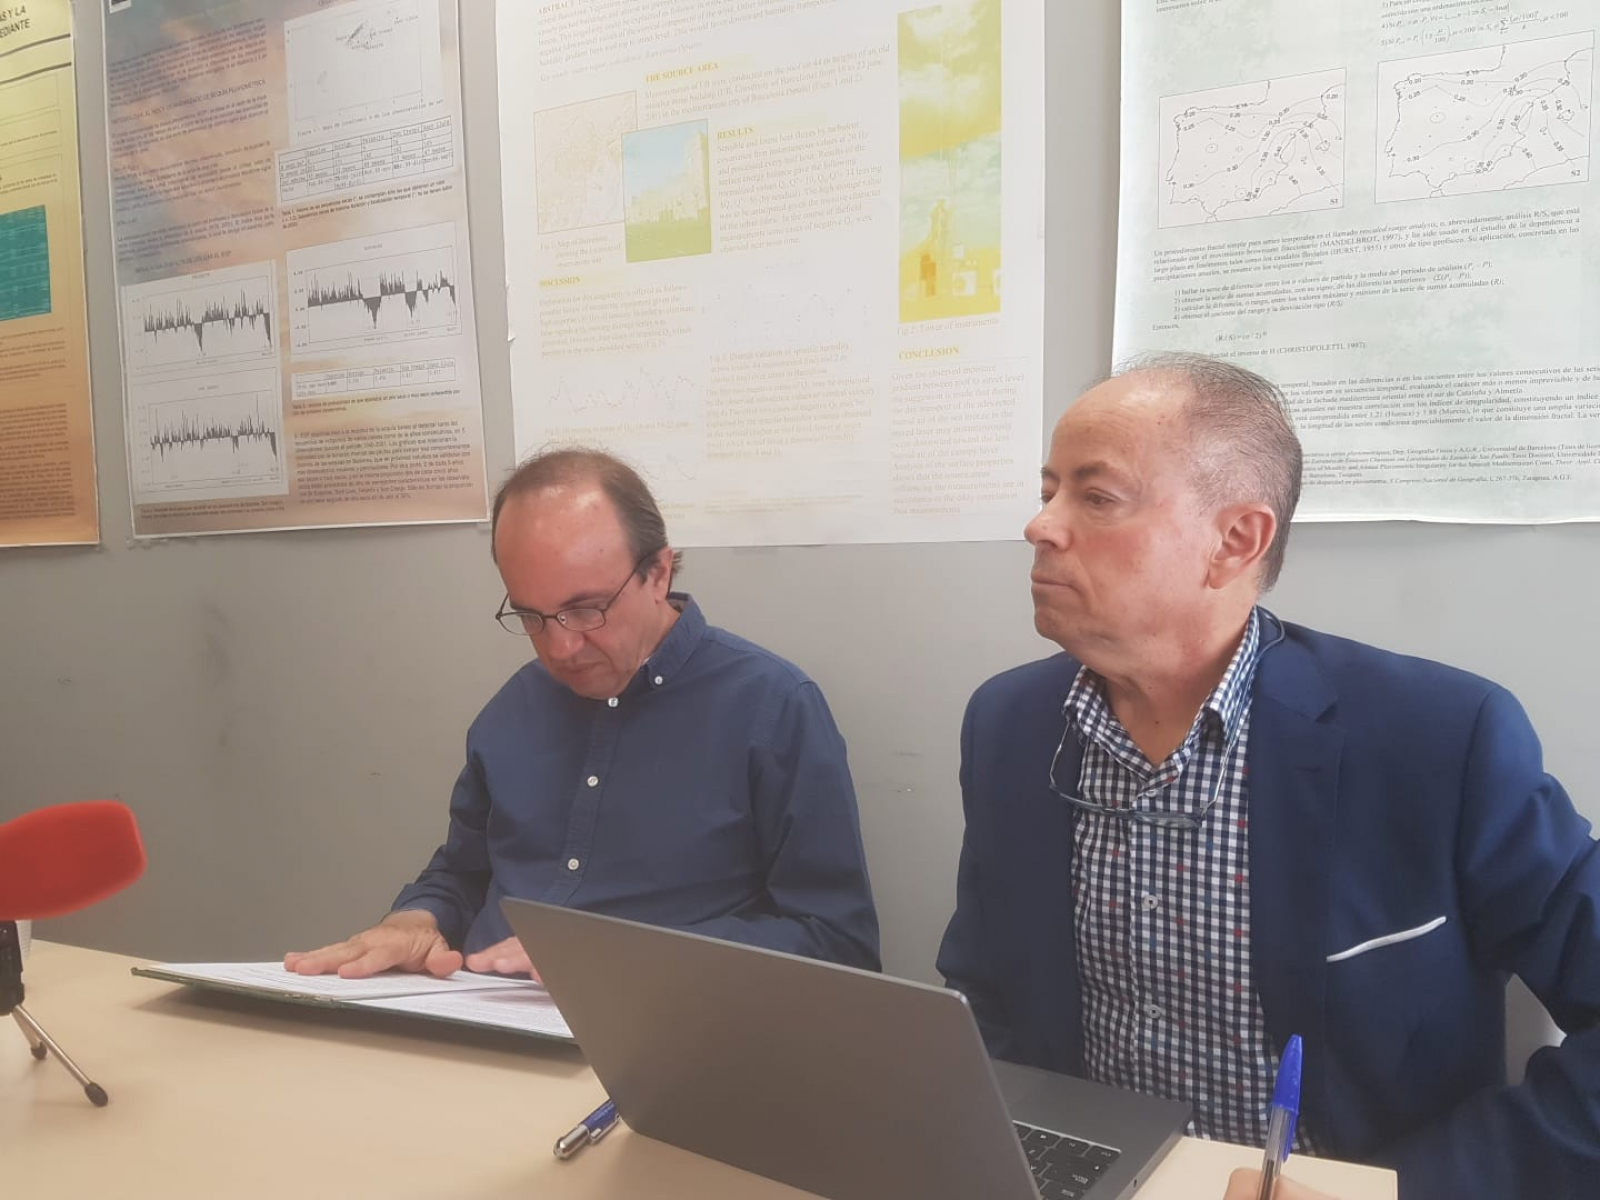 El divulgador ambiental José Lluis Gallego i el climatòleg i director de l'Institut de Recerca de l'Aigua, Javier Martin-Vide